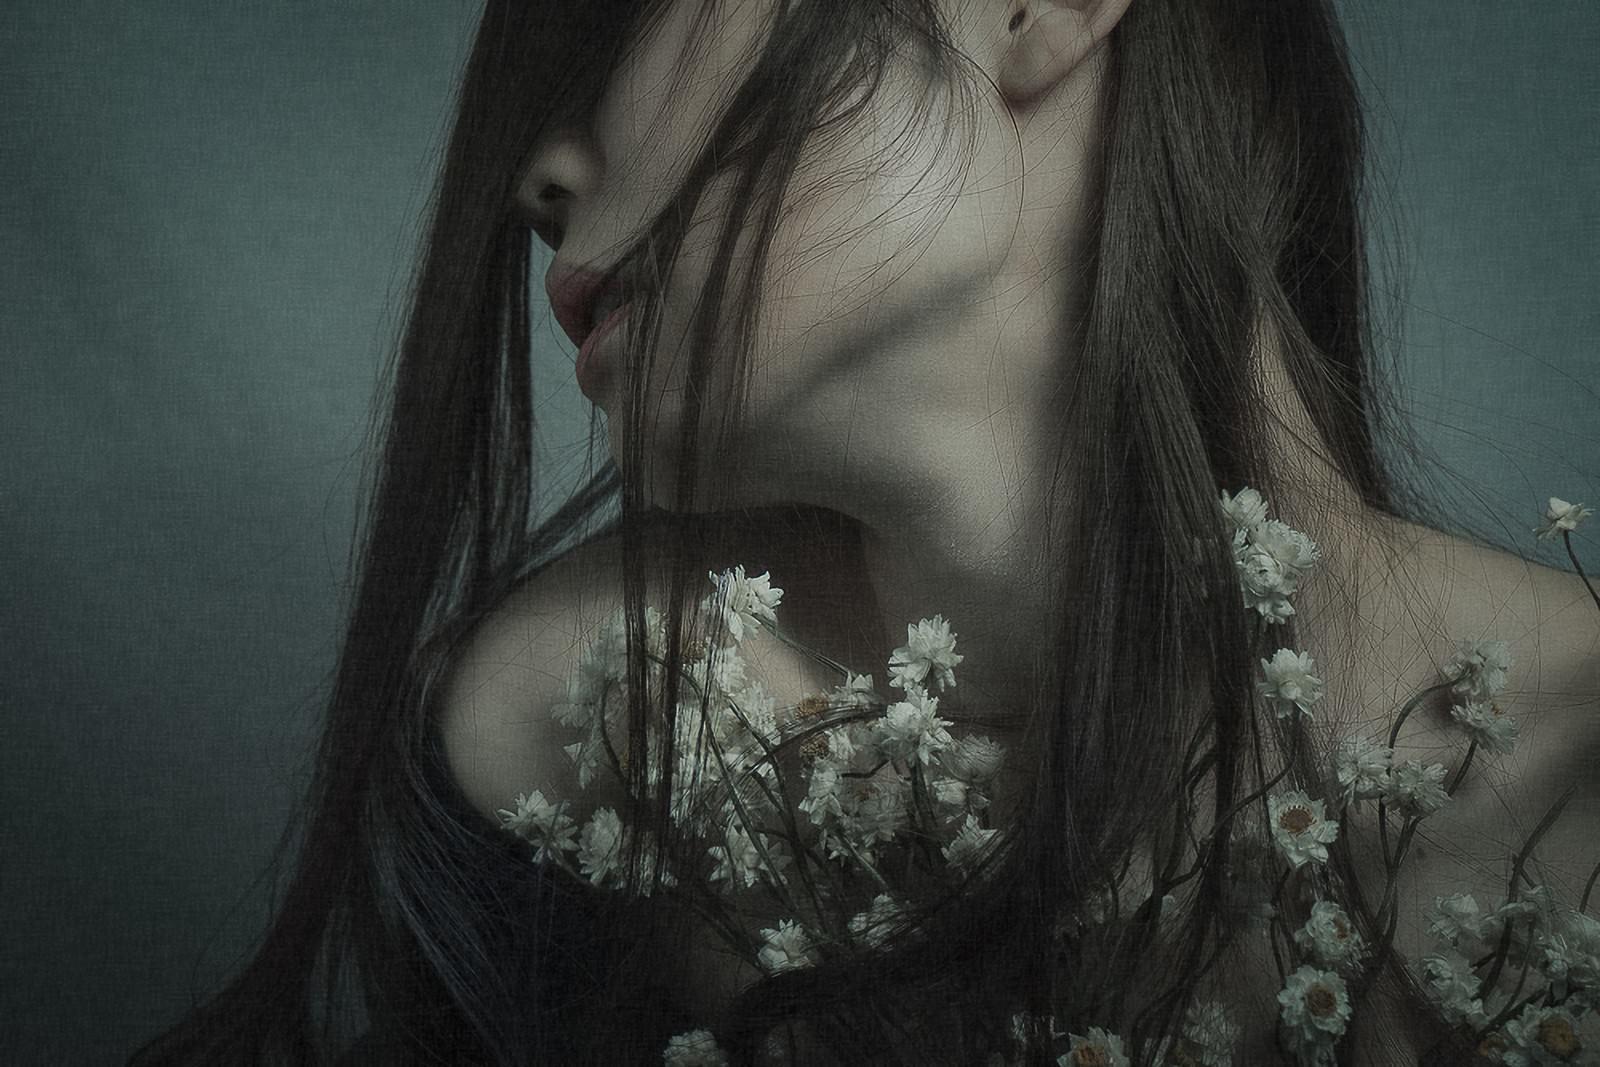 「不安の花を抱えるモデルの横顔」の写真